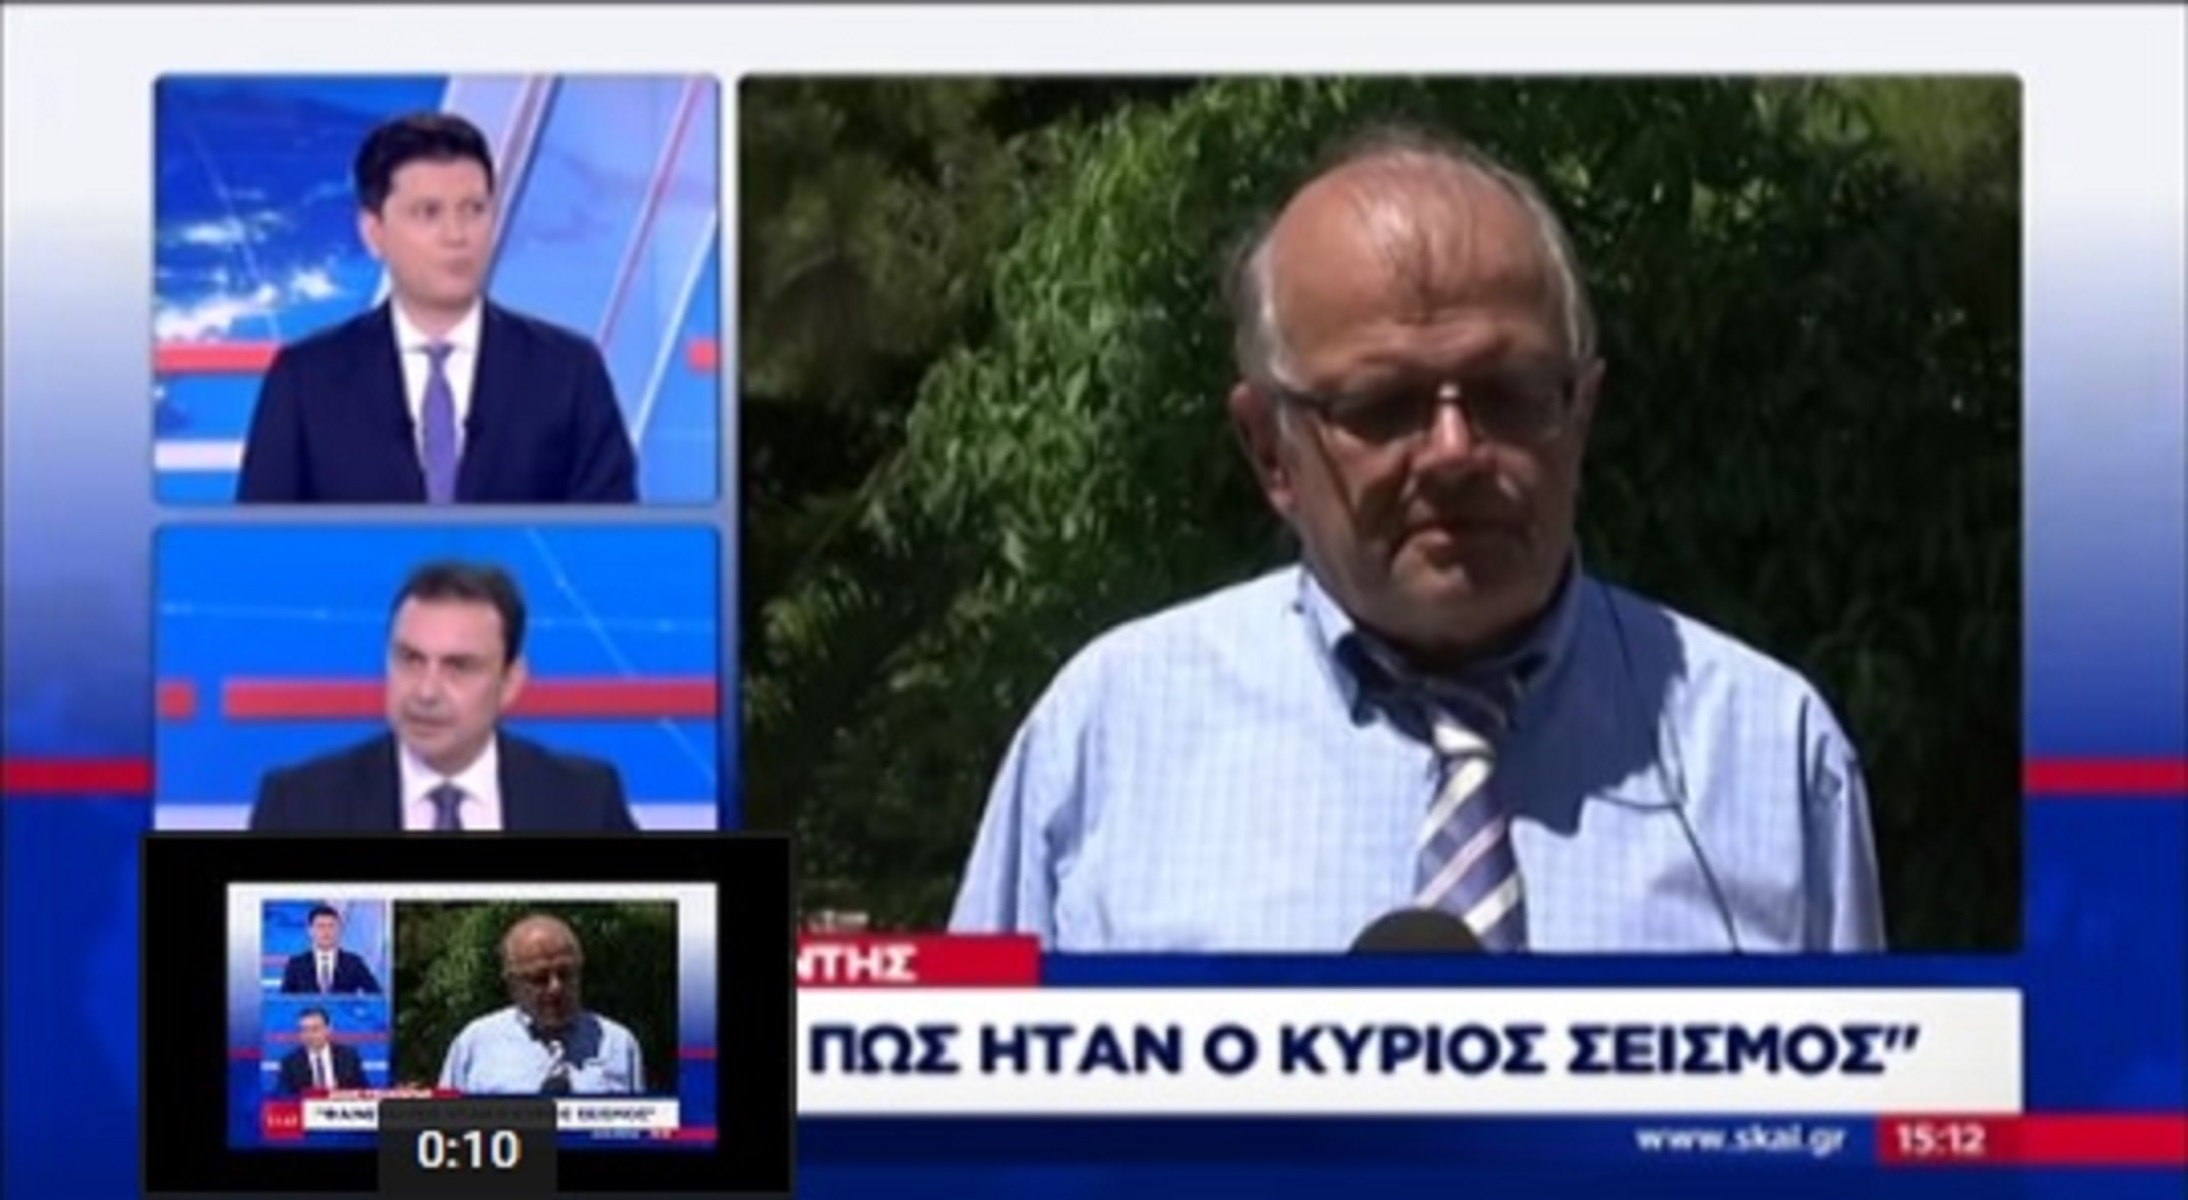 Σεισμός στην Αθήνα: Ο Τσελέντης μιλούσε και το στούντιο έτρεμε – video